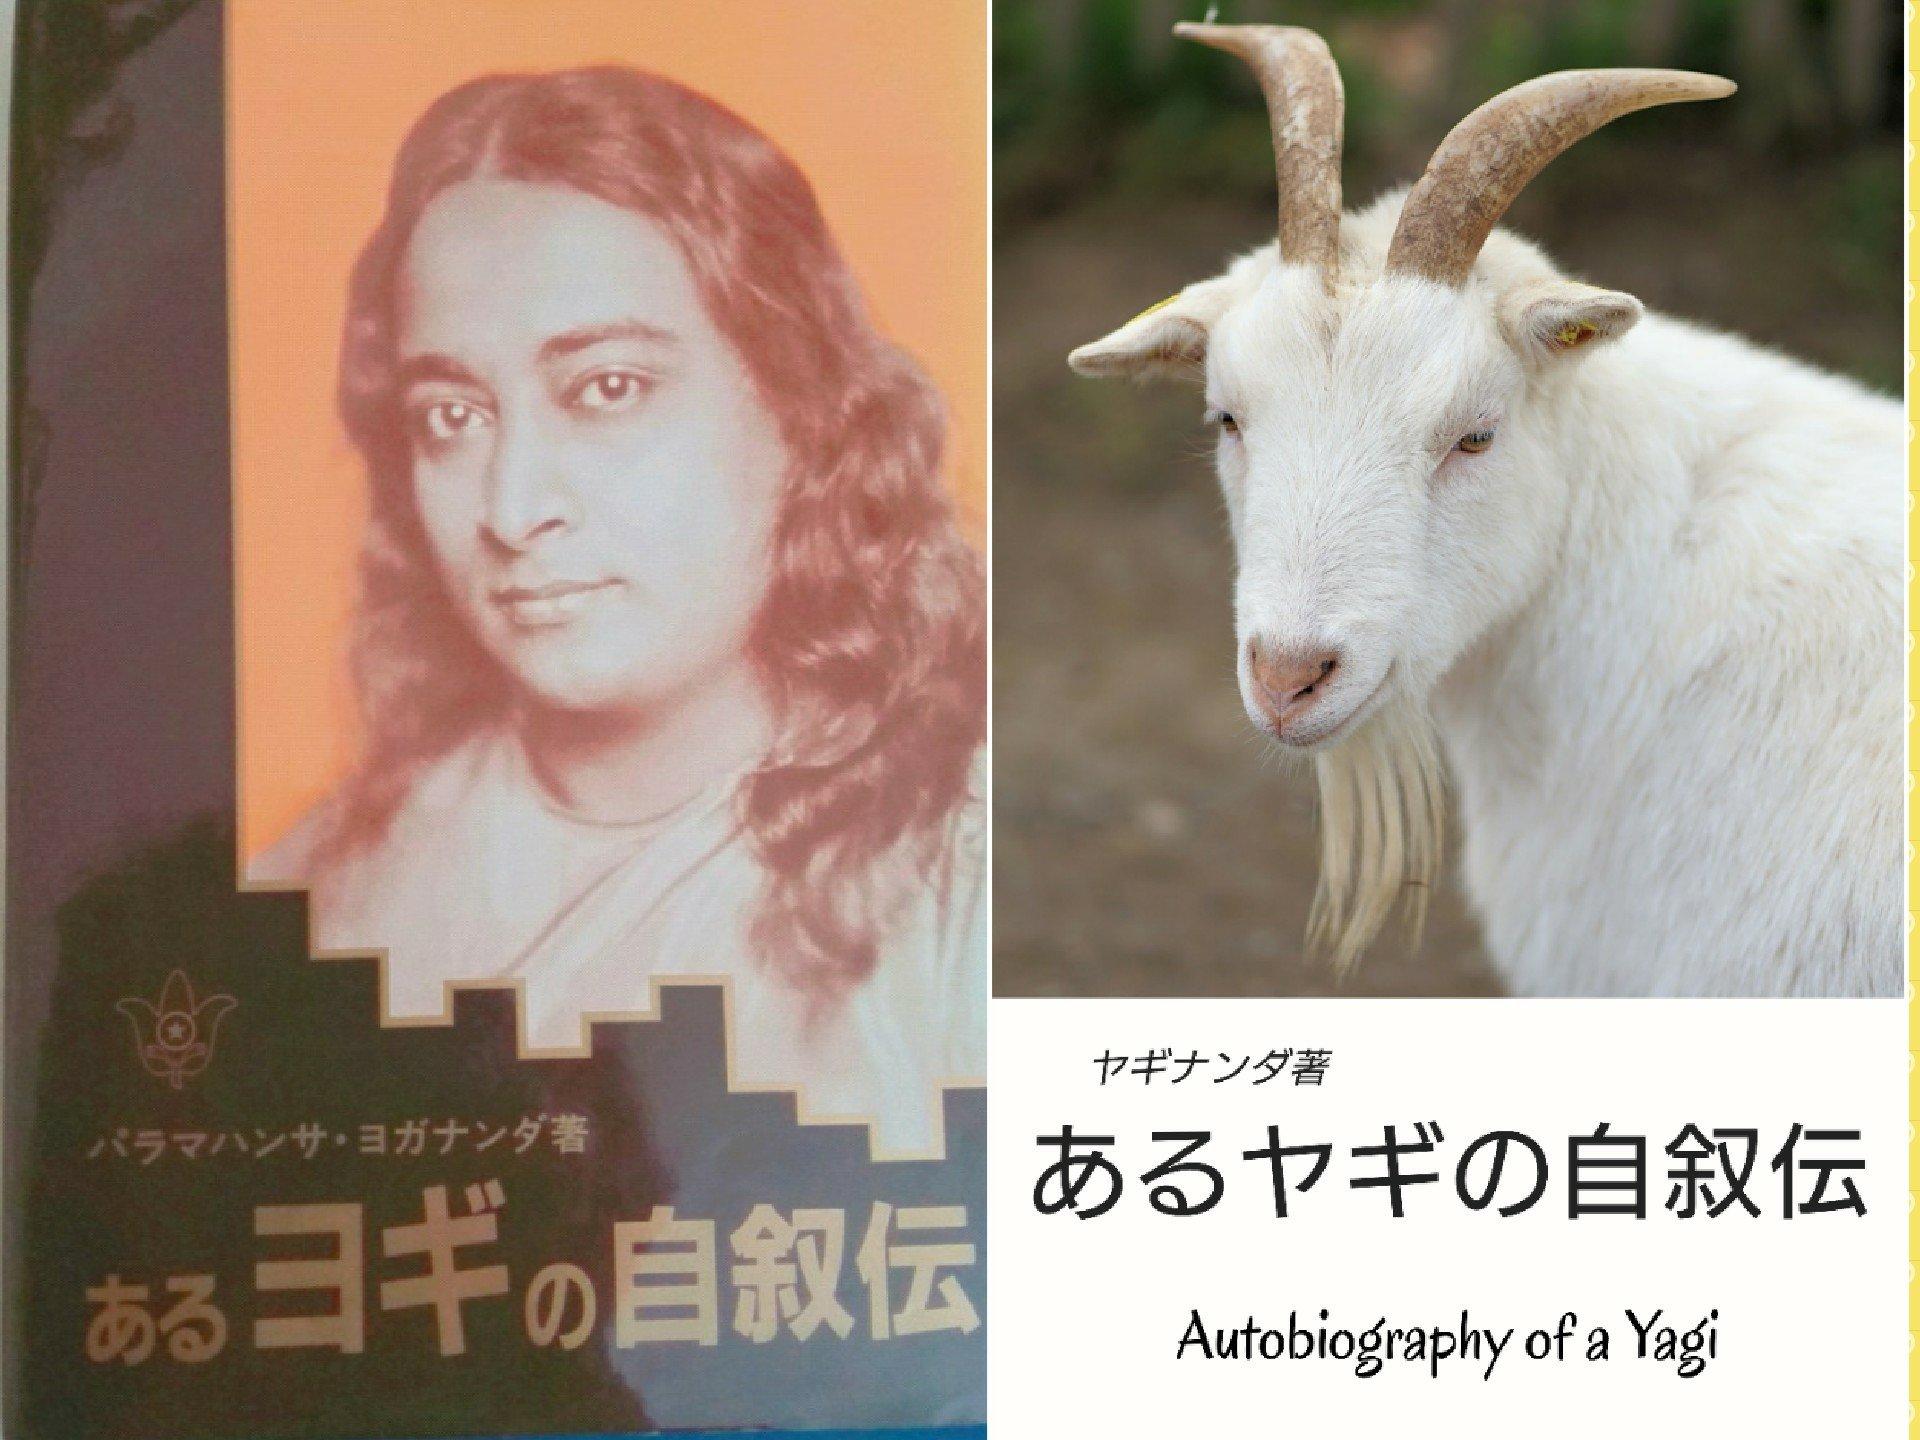 あるヤギの自叙伝 1